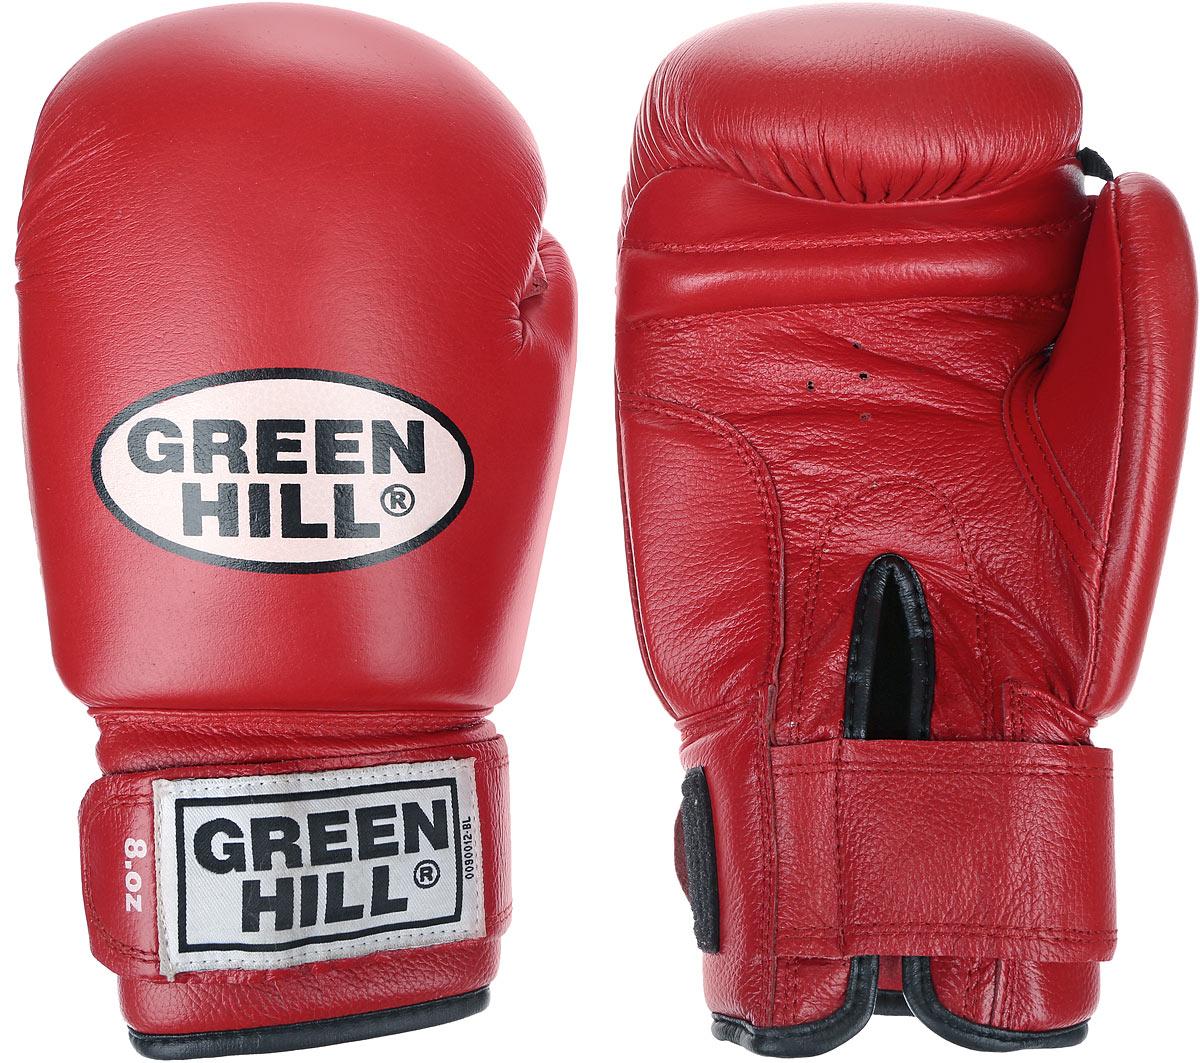 Перчатки боксерские Green Hill Tiger, цвет: красный, белый. Вес 8 унций. BGT-2010сBGA-2024Боевые боксерские перчатки Green Hill Tiger применяются как для соревнований, так и для тренировок. Верх выполнен из натуральной кожи, вкладыш - предварительно сформированный пенополиуретан. Манжет на липучке способствует быстрому и удобному надеванию перчаток, плотно фиксирует перчатки на руке. Отверстия в области ладони позволяет создать максимально комфортный терморежим во время занятий.В перчатках применяется технология антинокаут.